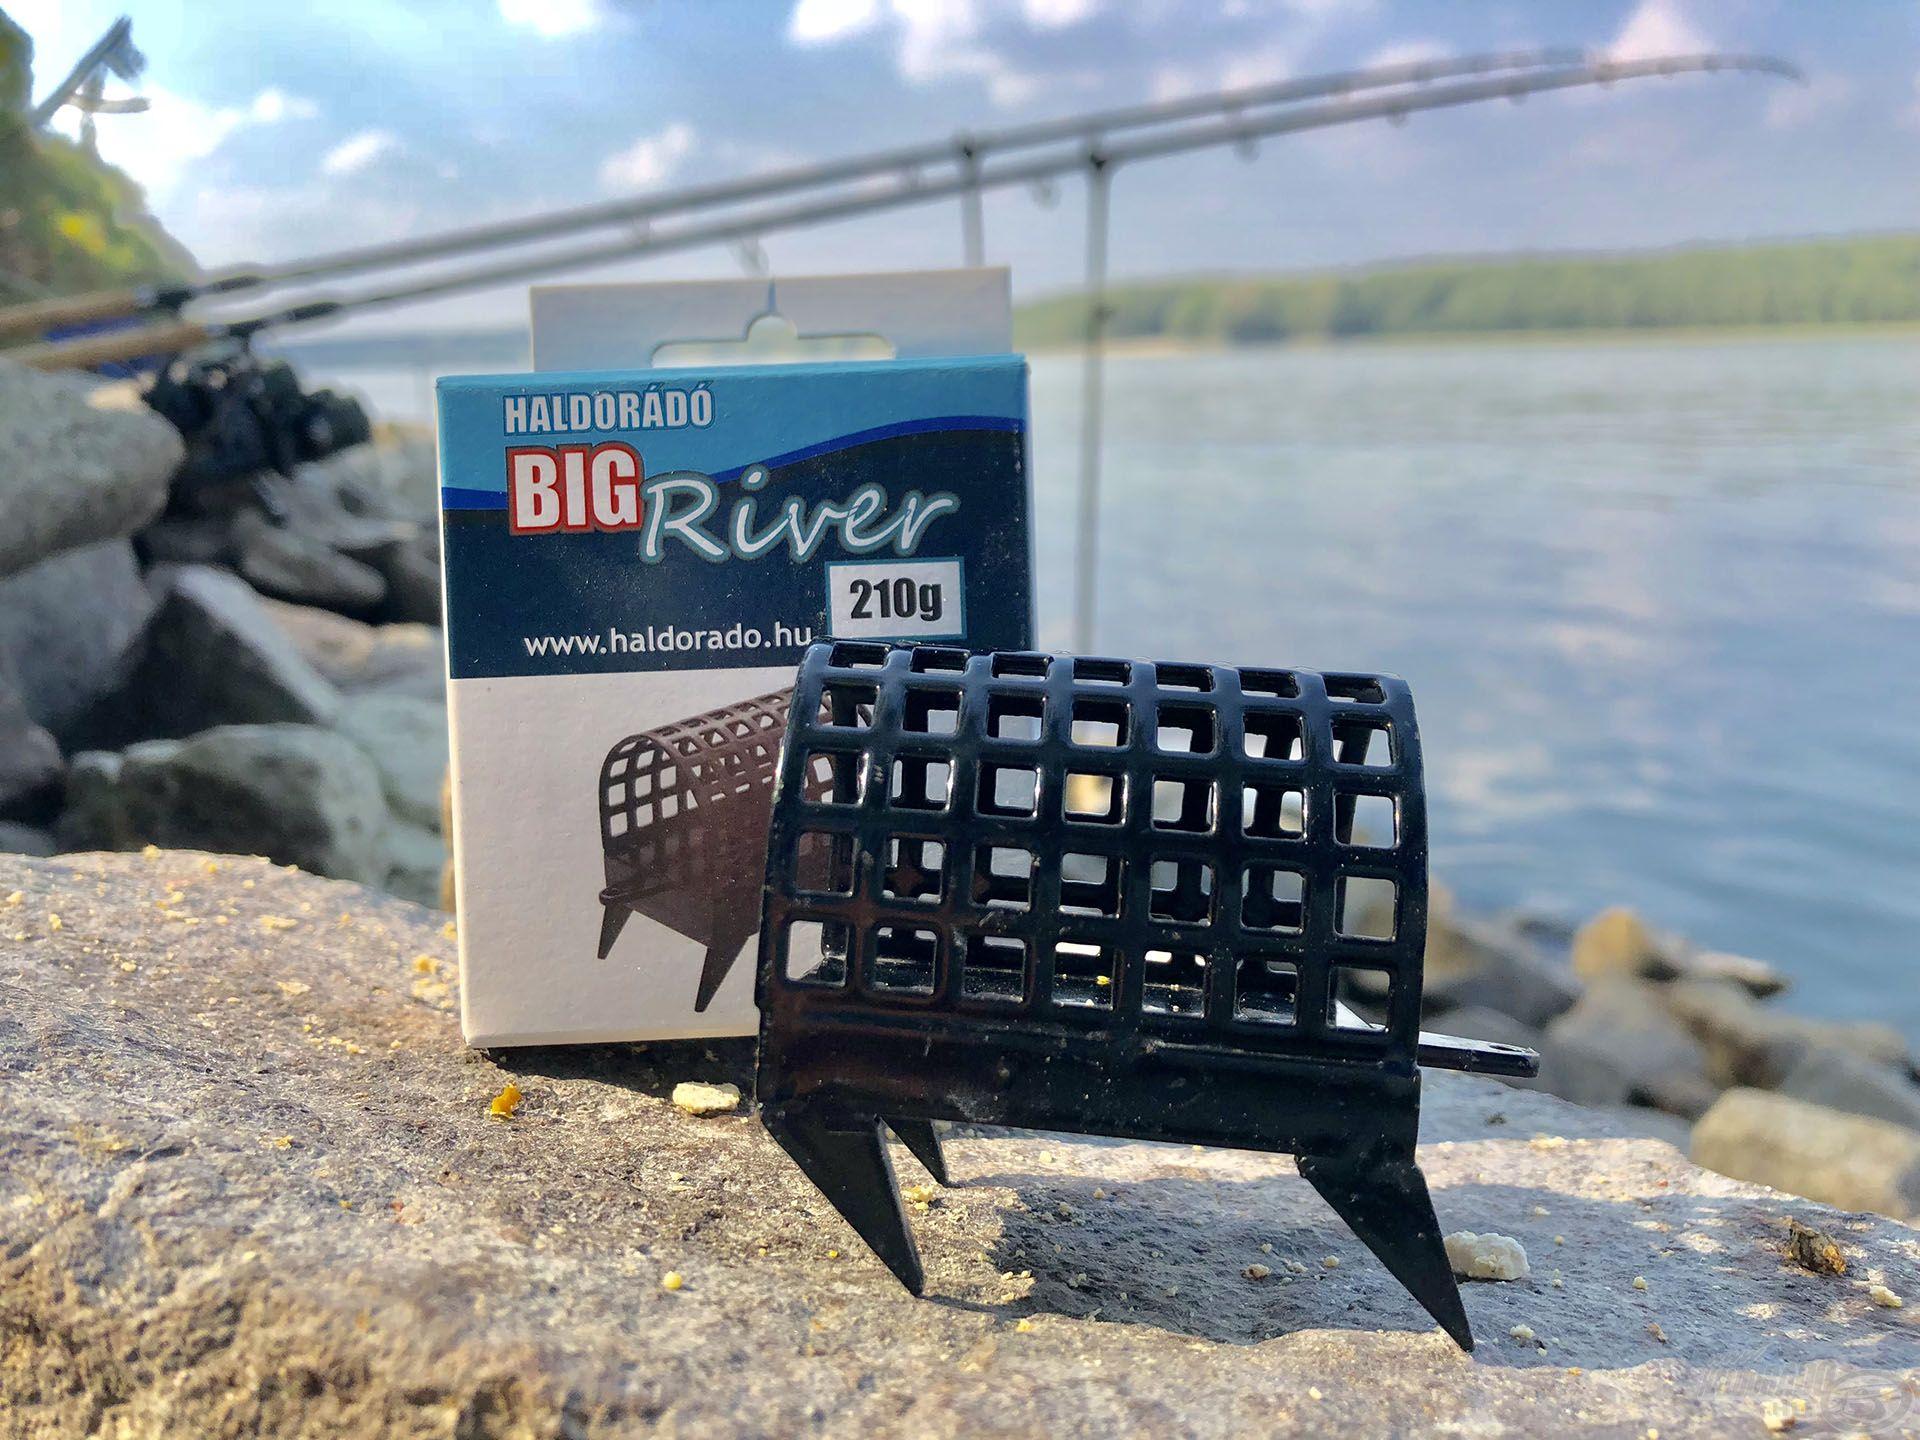 Természetesen kínálunk 85-300 grammig speciális, kapaszkodó karmokkal ellátott BIG RIVER folyóvízi kosarat is